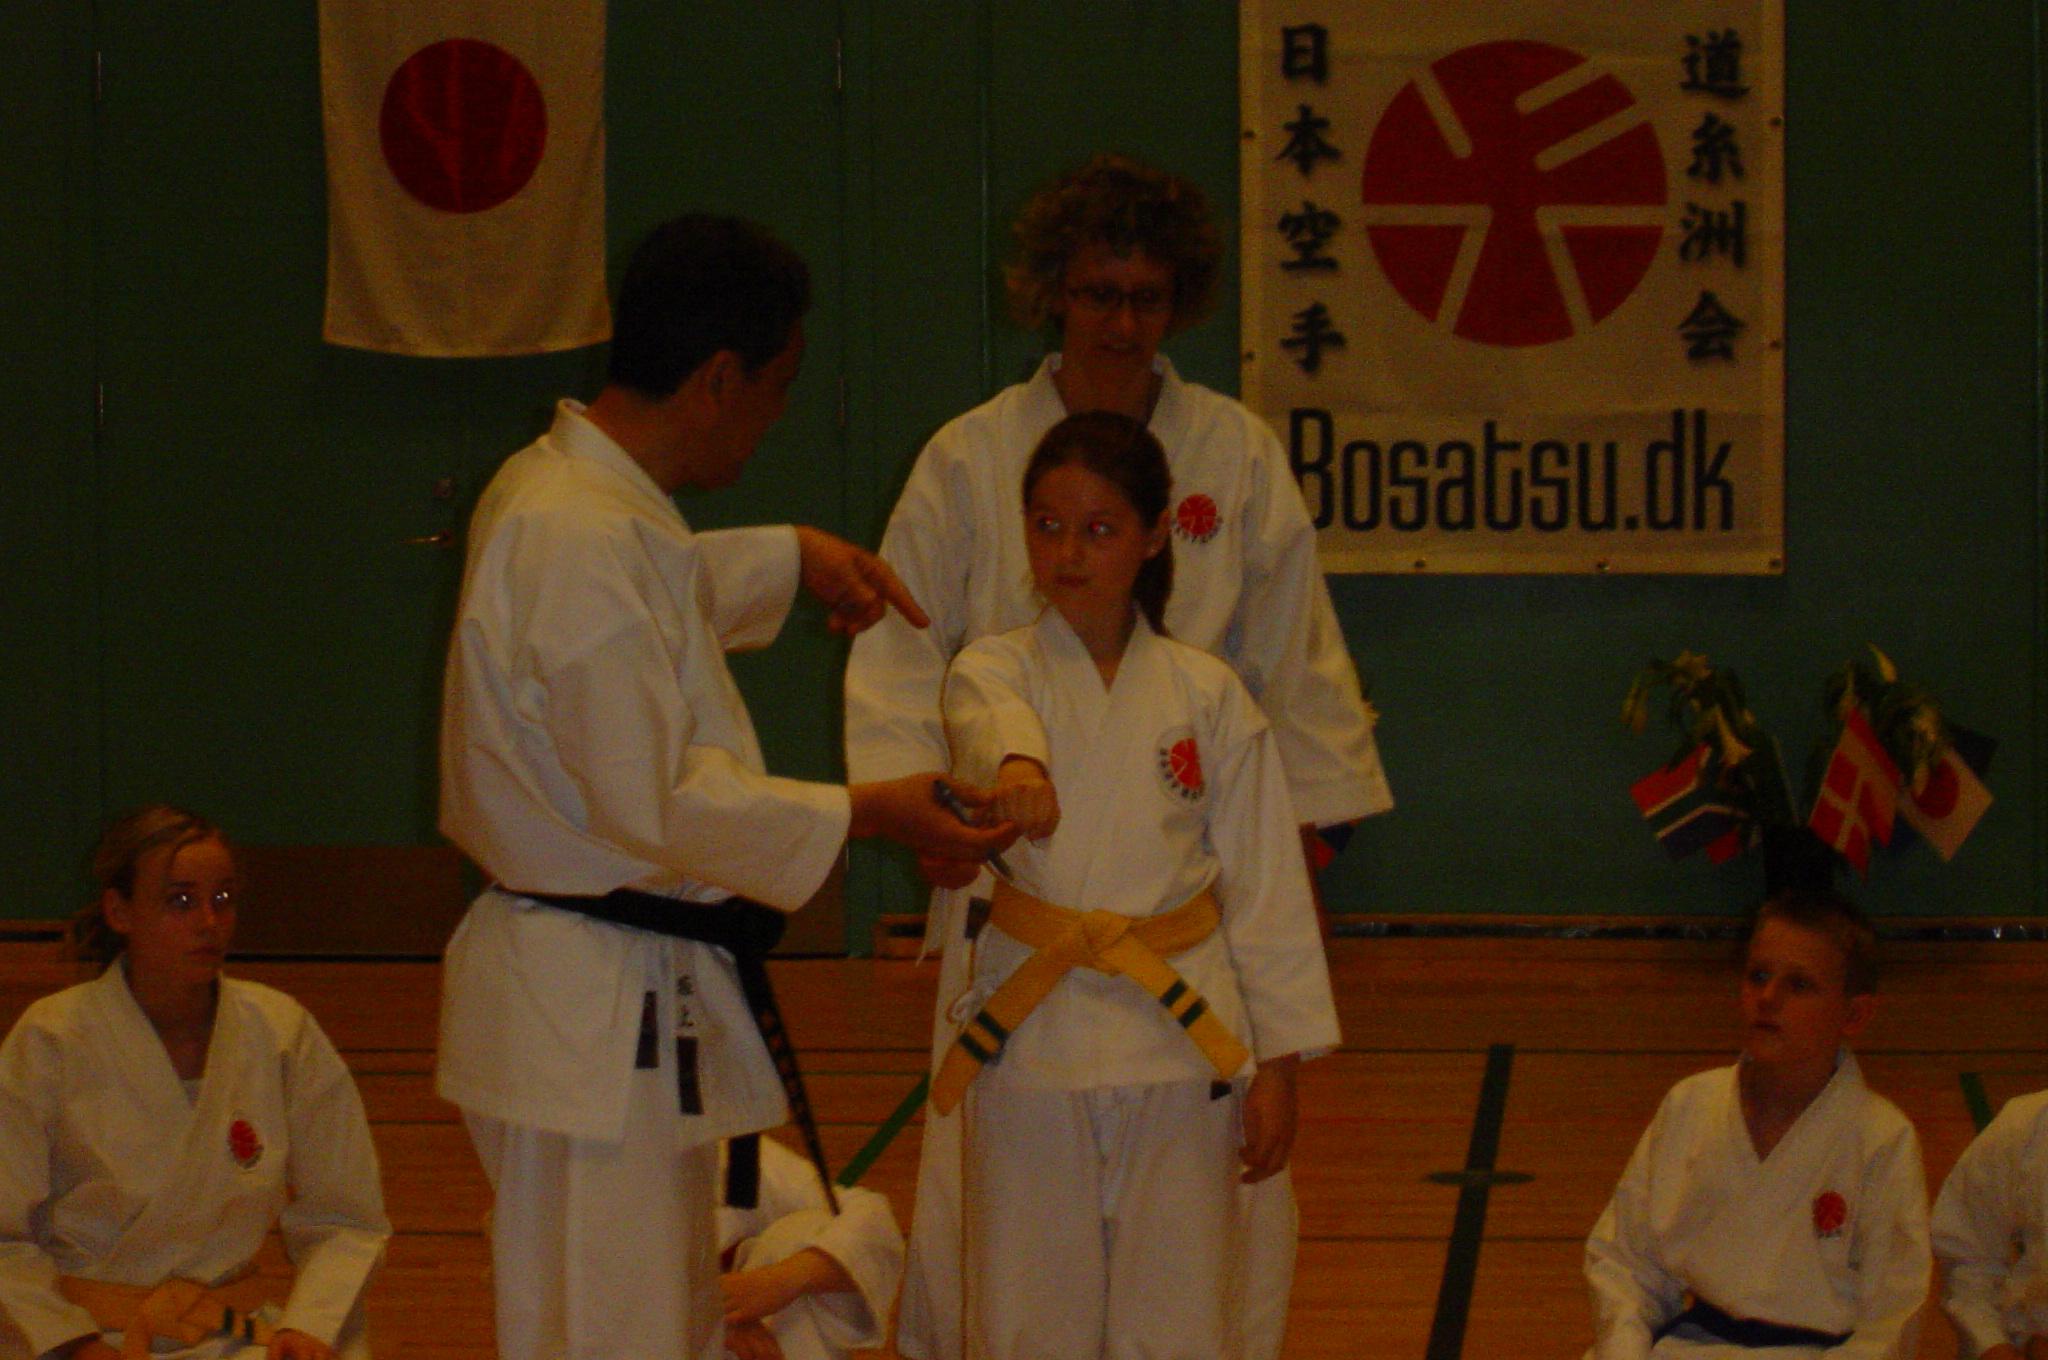 Sakagami sensai seminar 2004 075 (2)